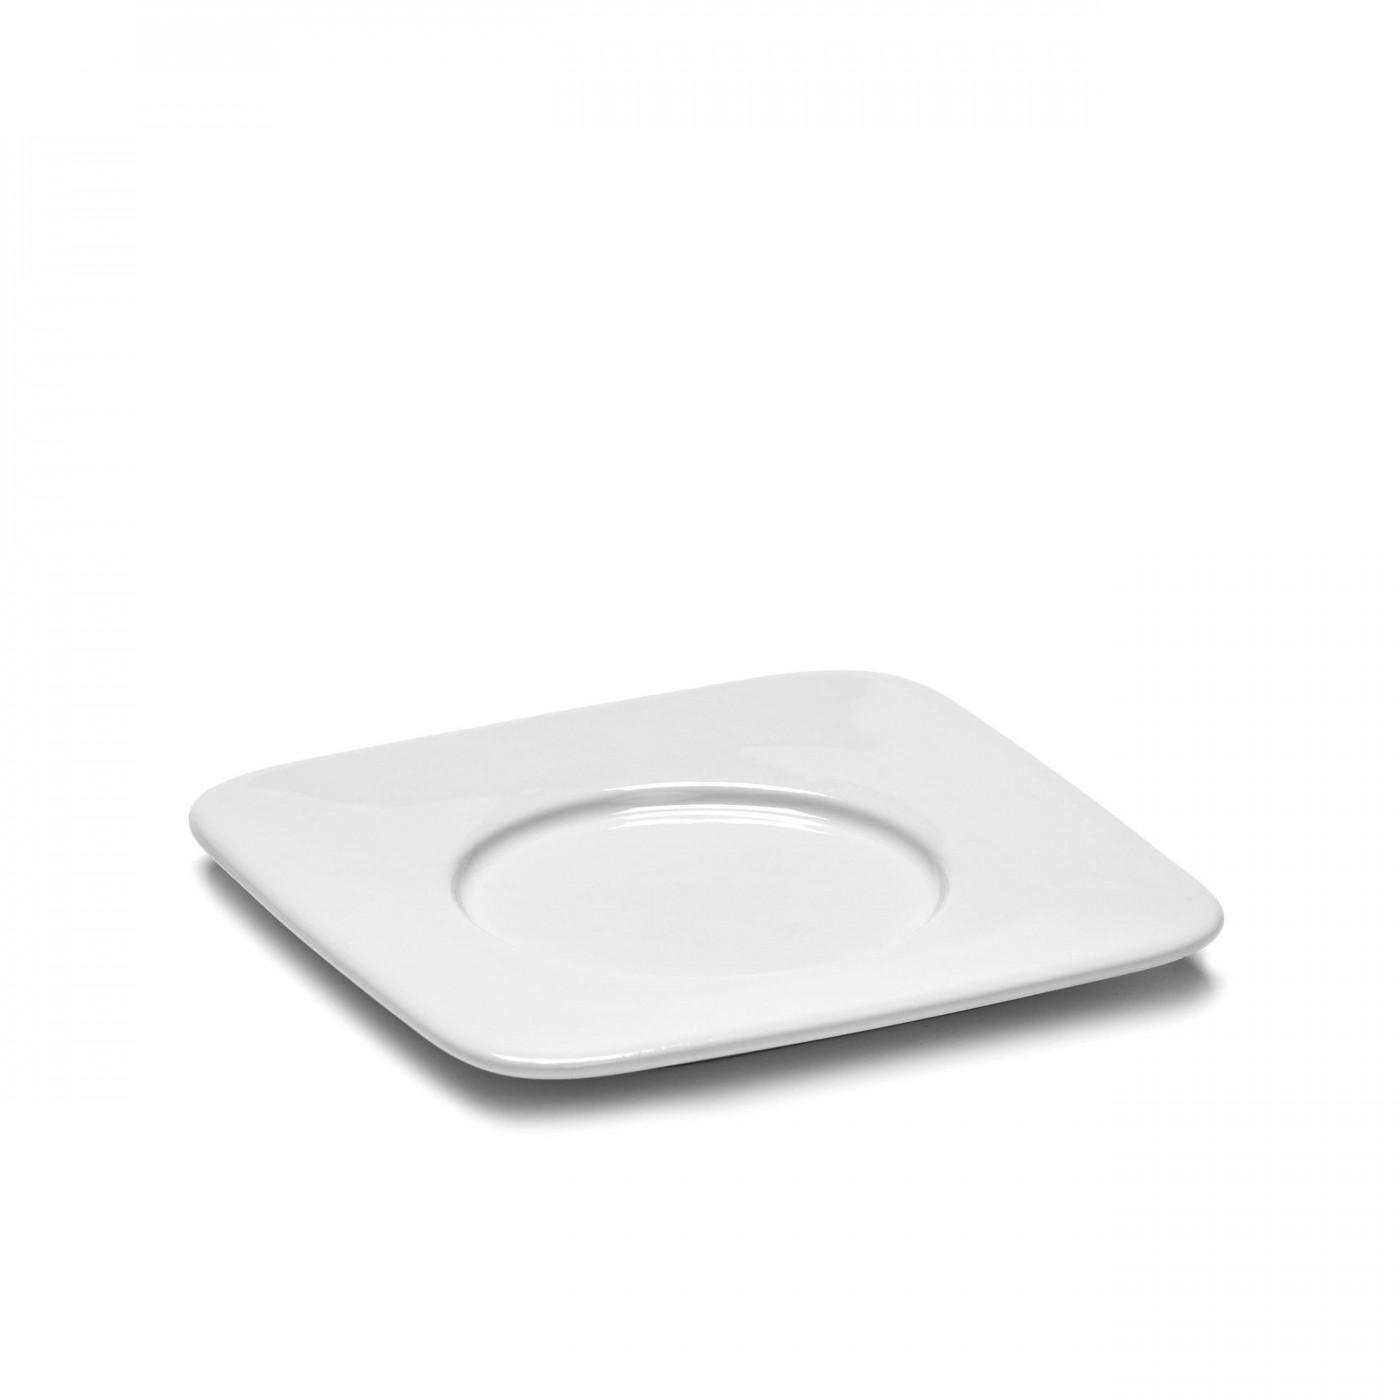 Soucoupe carrée en porcelaine blanche 11,2x11,2cm